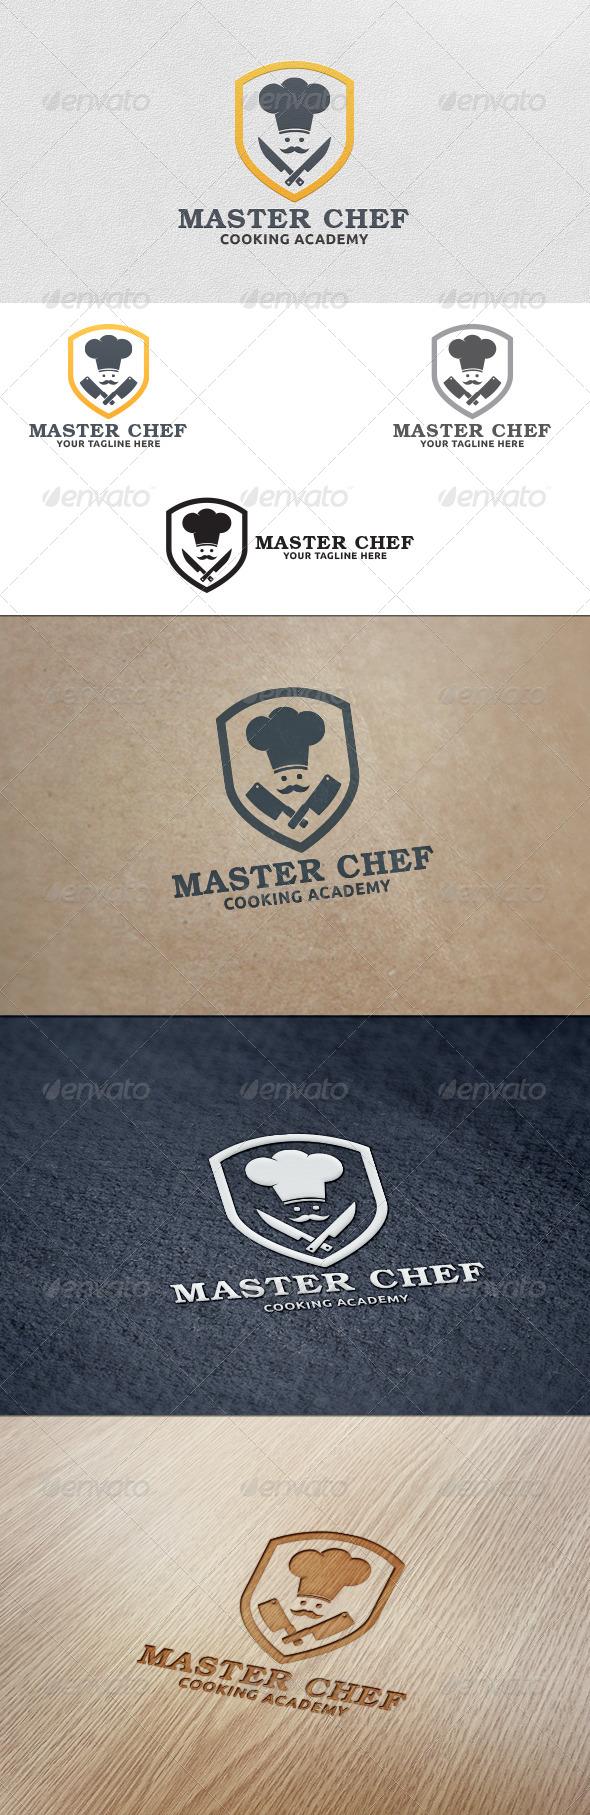 GraphicRiver Master Chef Logo Template 5585169